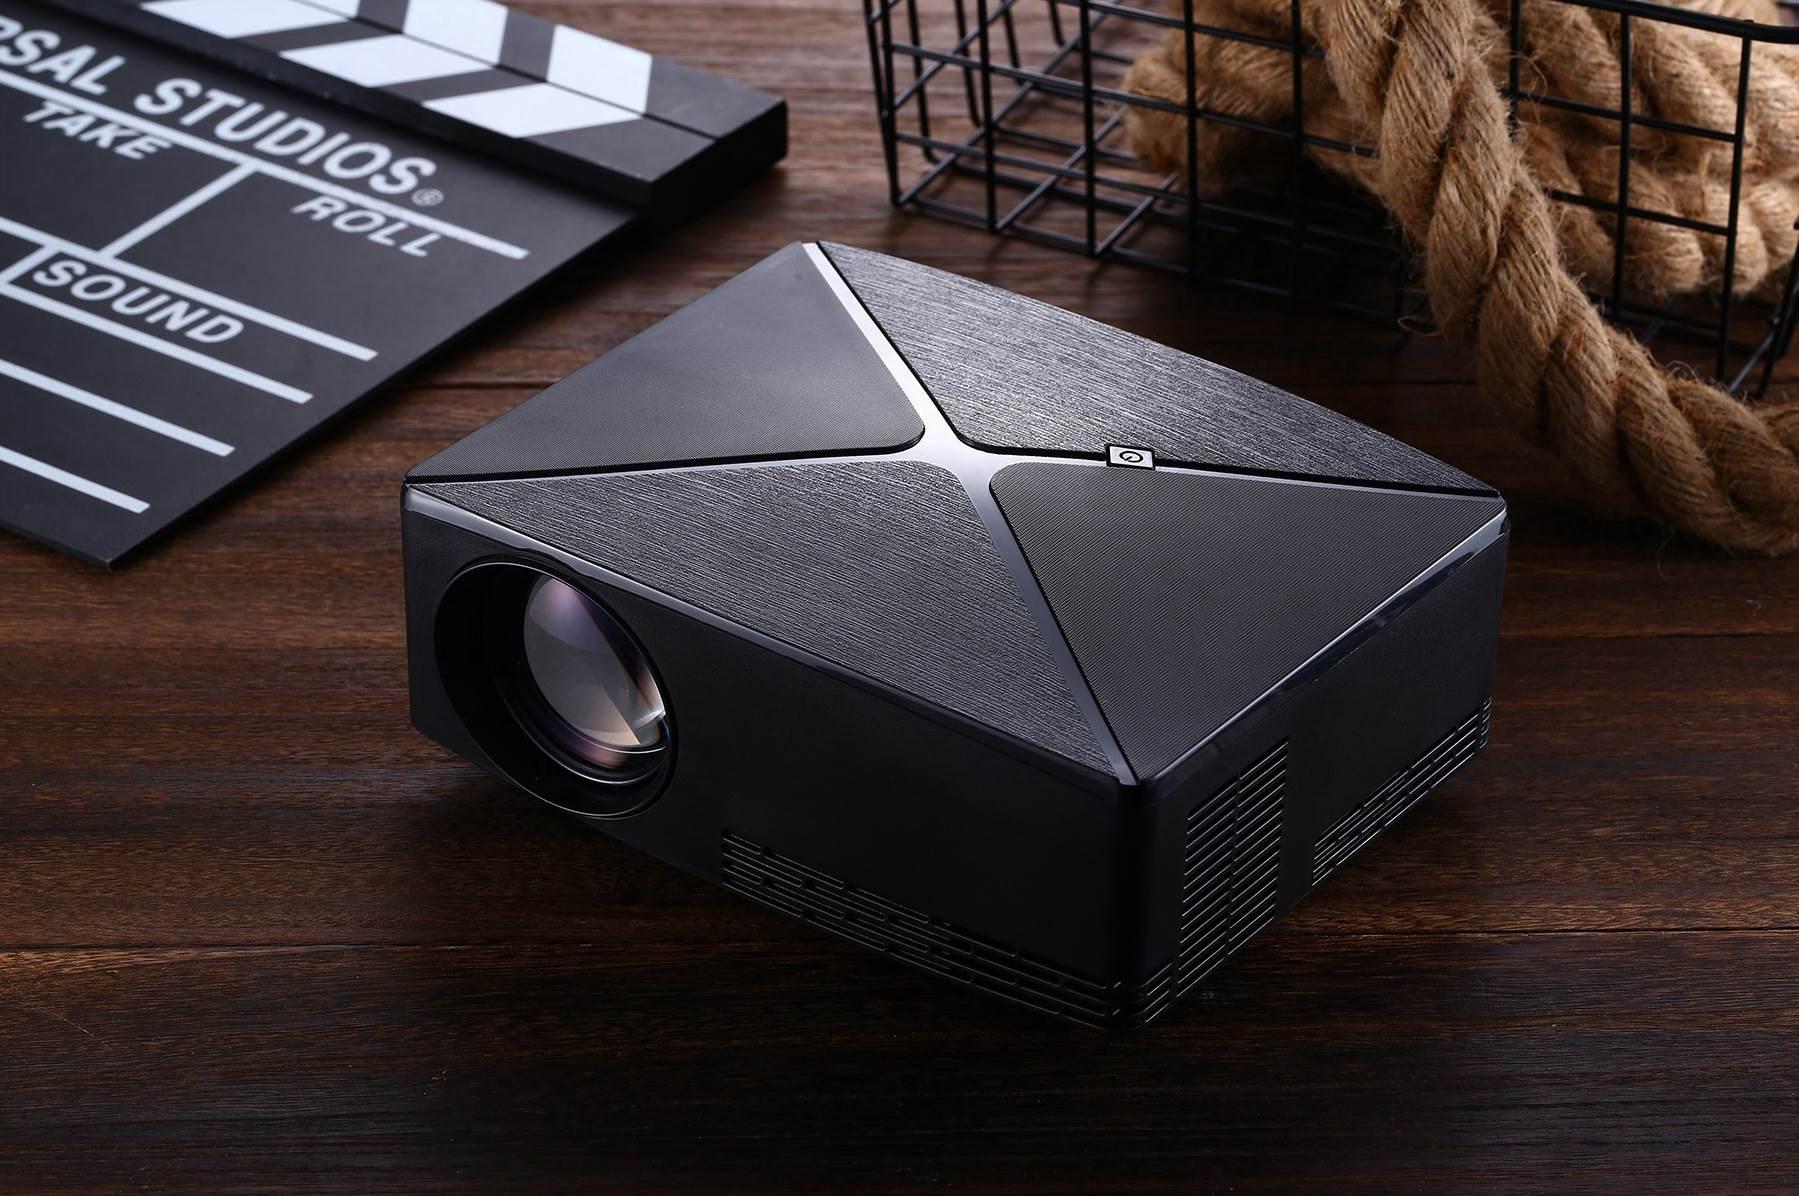 热销0件包邮货号333 c80家用智能办公投影仪